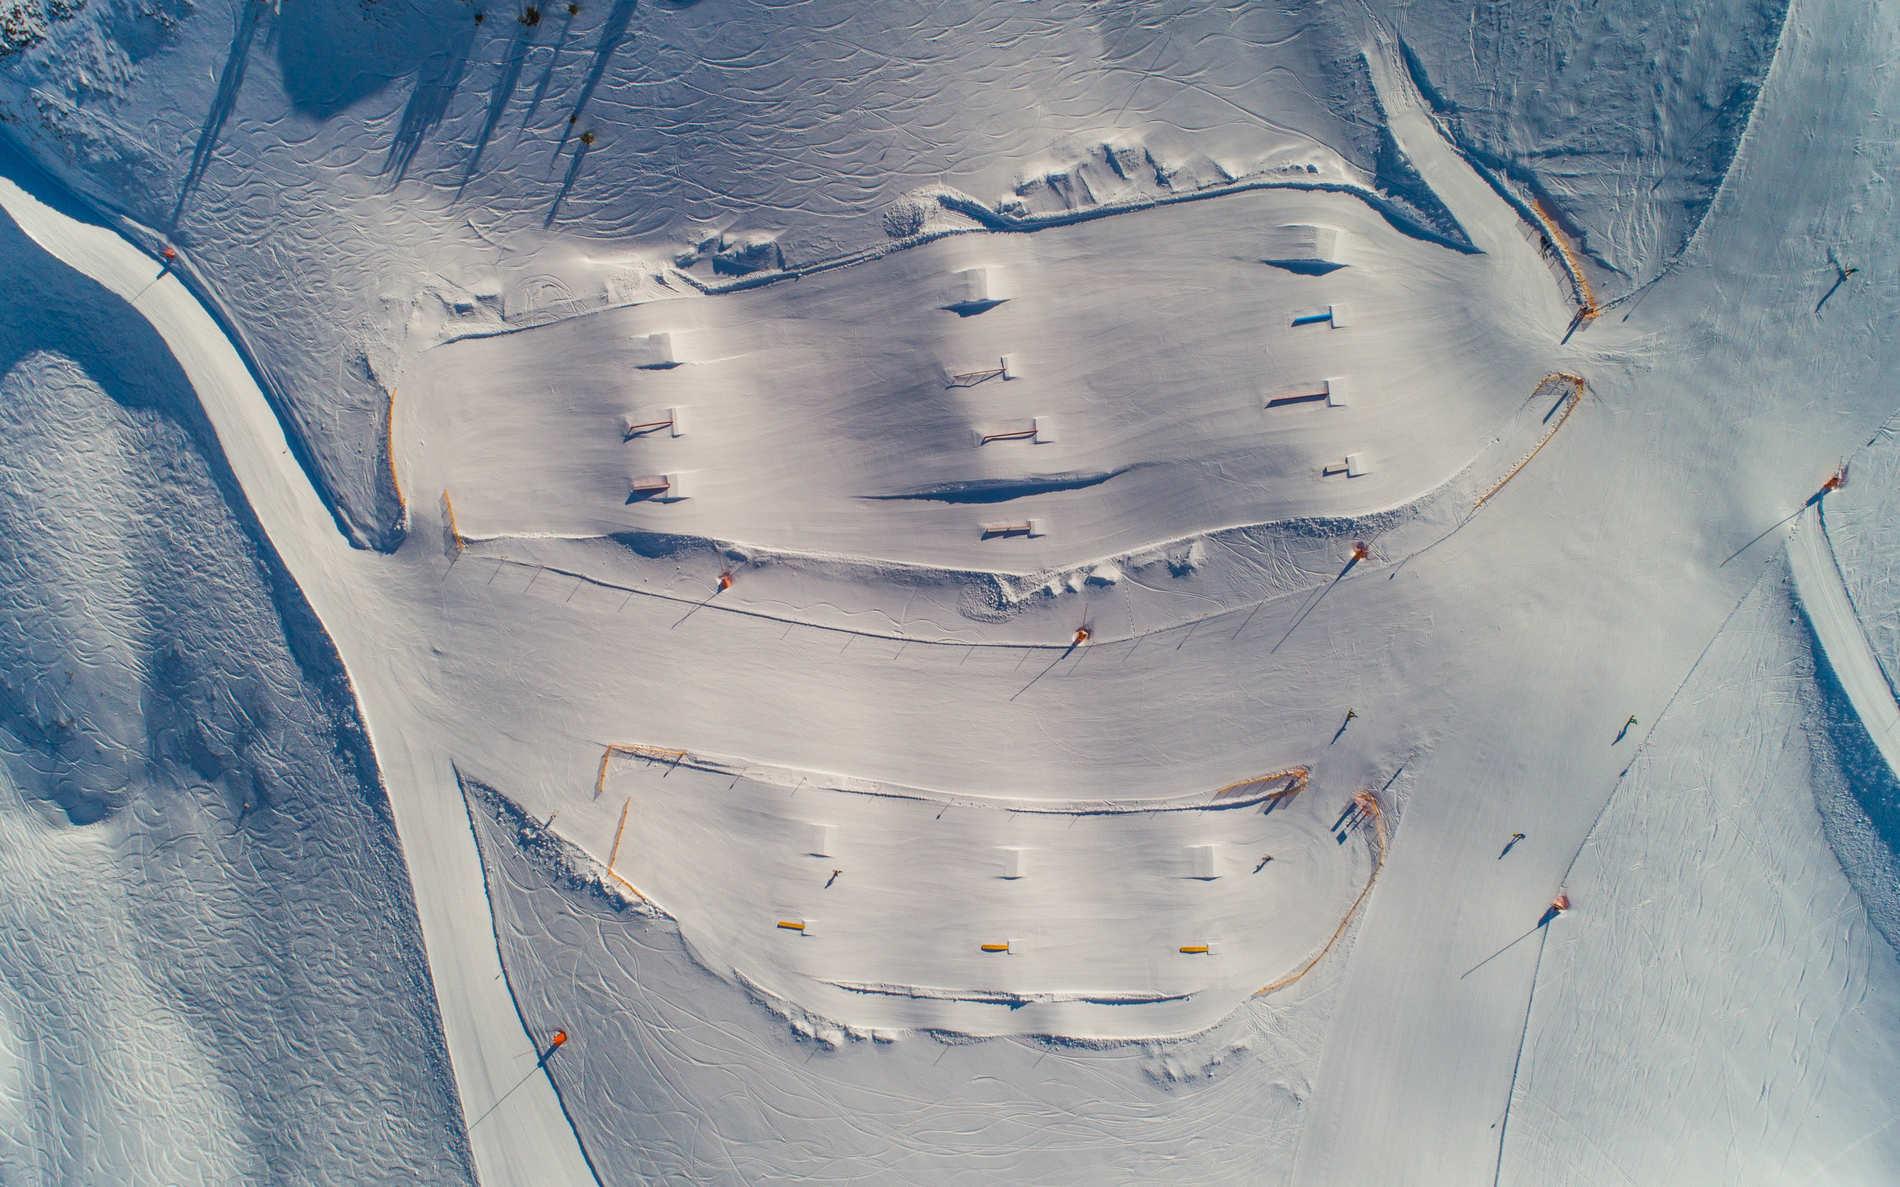 aerials snowpark kitzbuehel michi rudolf 5